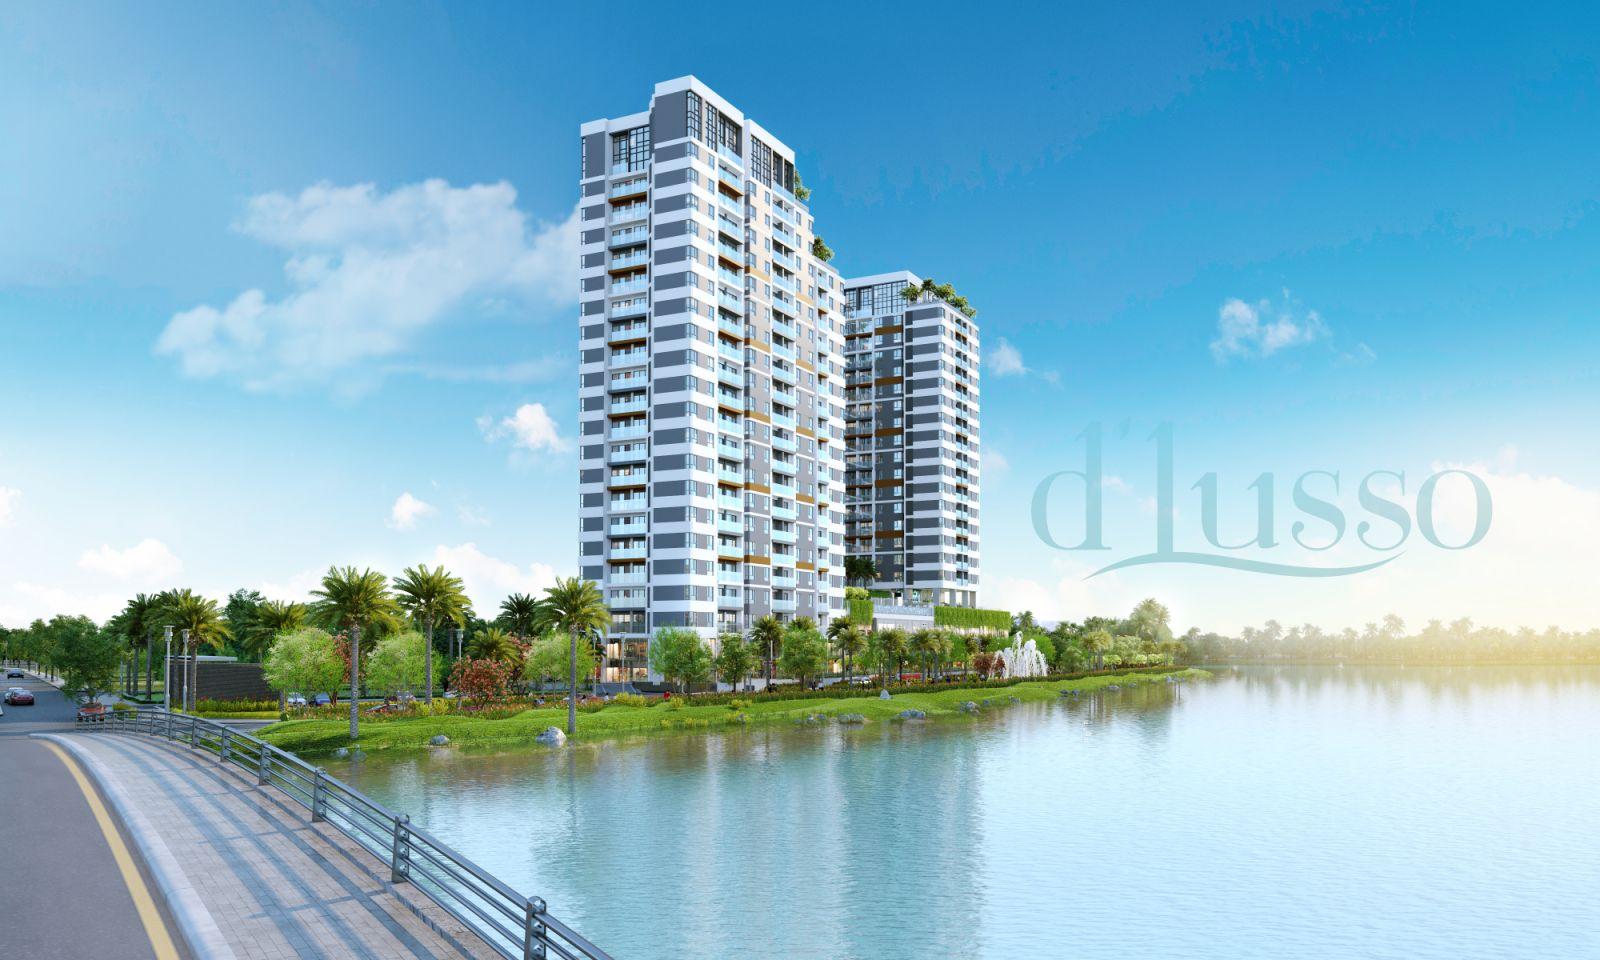 Levata City Bình Tân